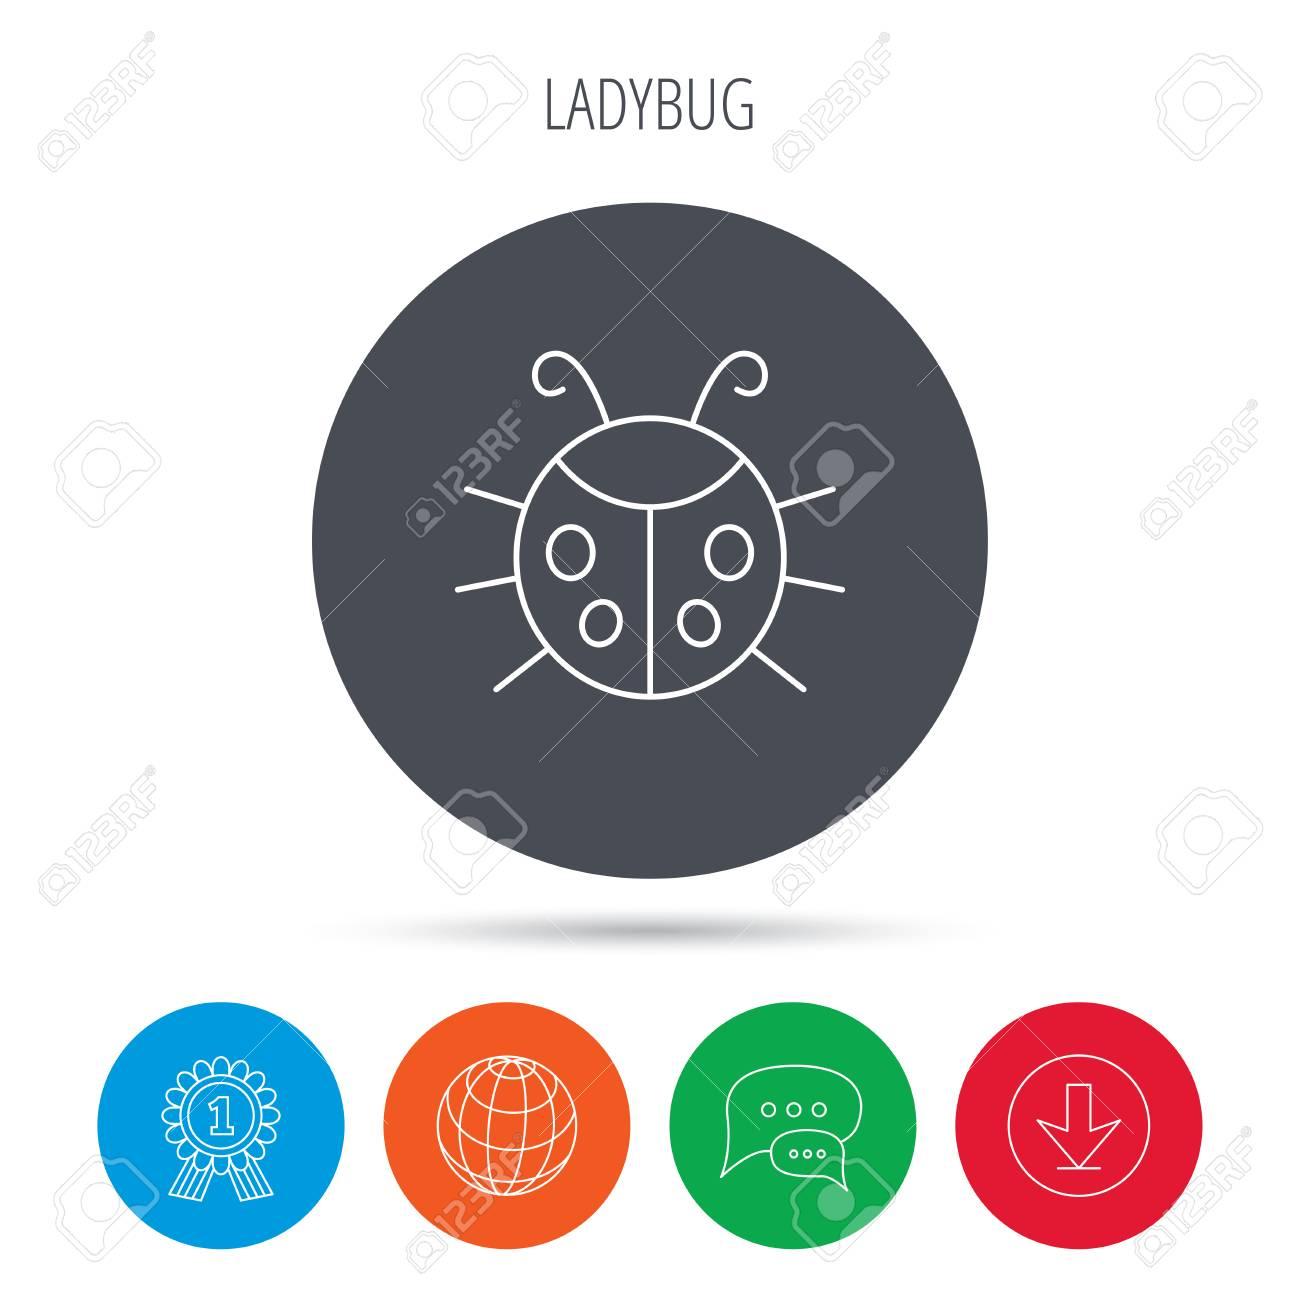 Ladybug Icon. Ladybird Insect Sign. Flying Beetle Bug Symbol ...